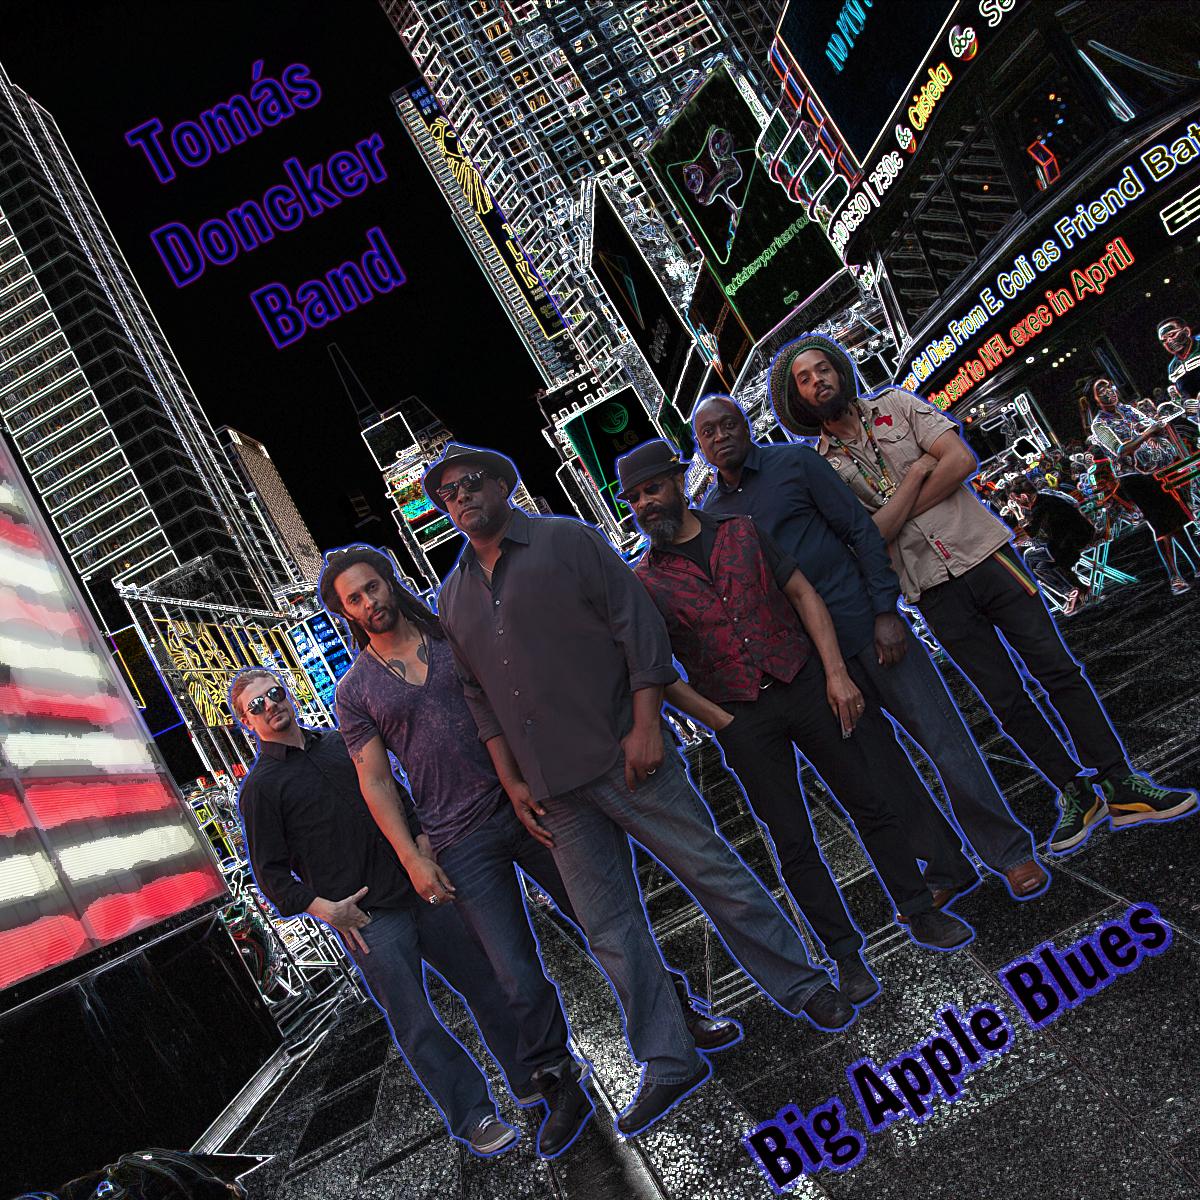 CD Review: Big Apple Blues by Tomás Doncker Band (ft. Yusef Komunyakaa)